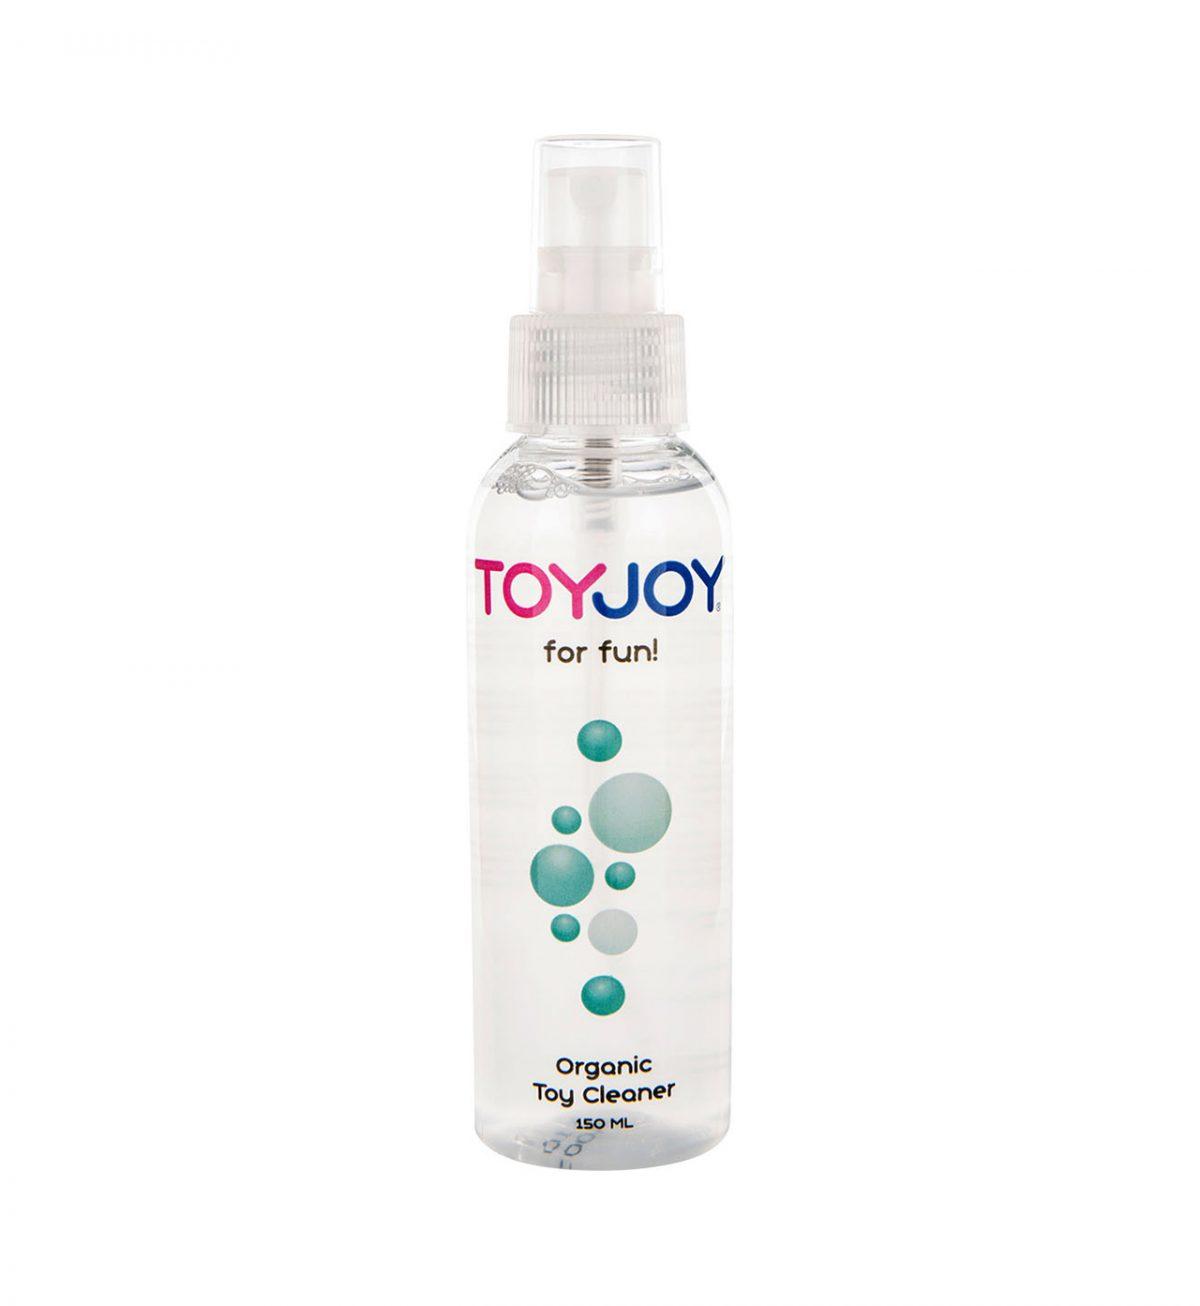 Toyjoy Toy Cleaner Spray 150ml - Rengjøringsspray til dine sexleketøy - Toyjoy